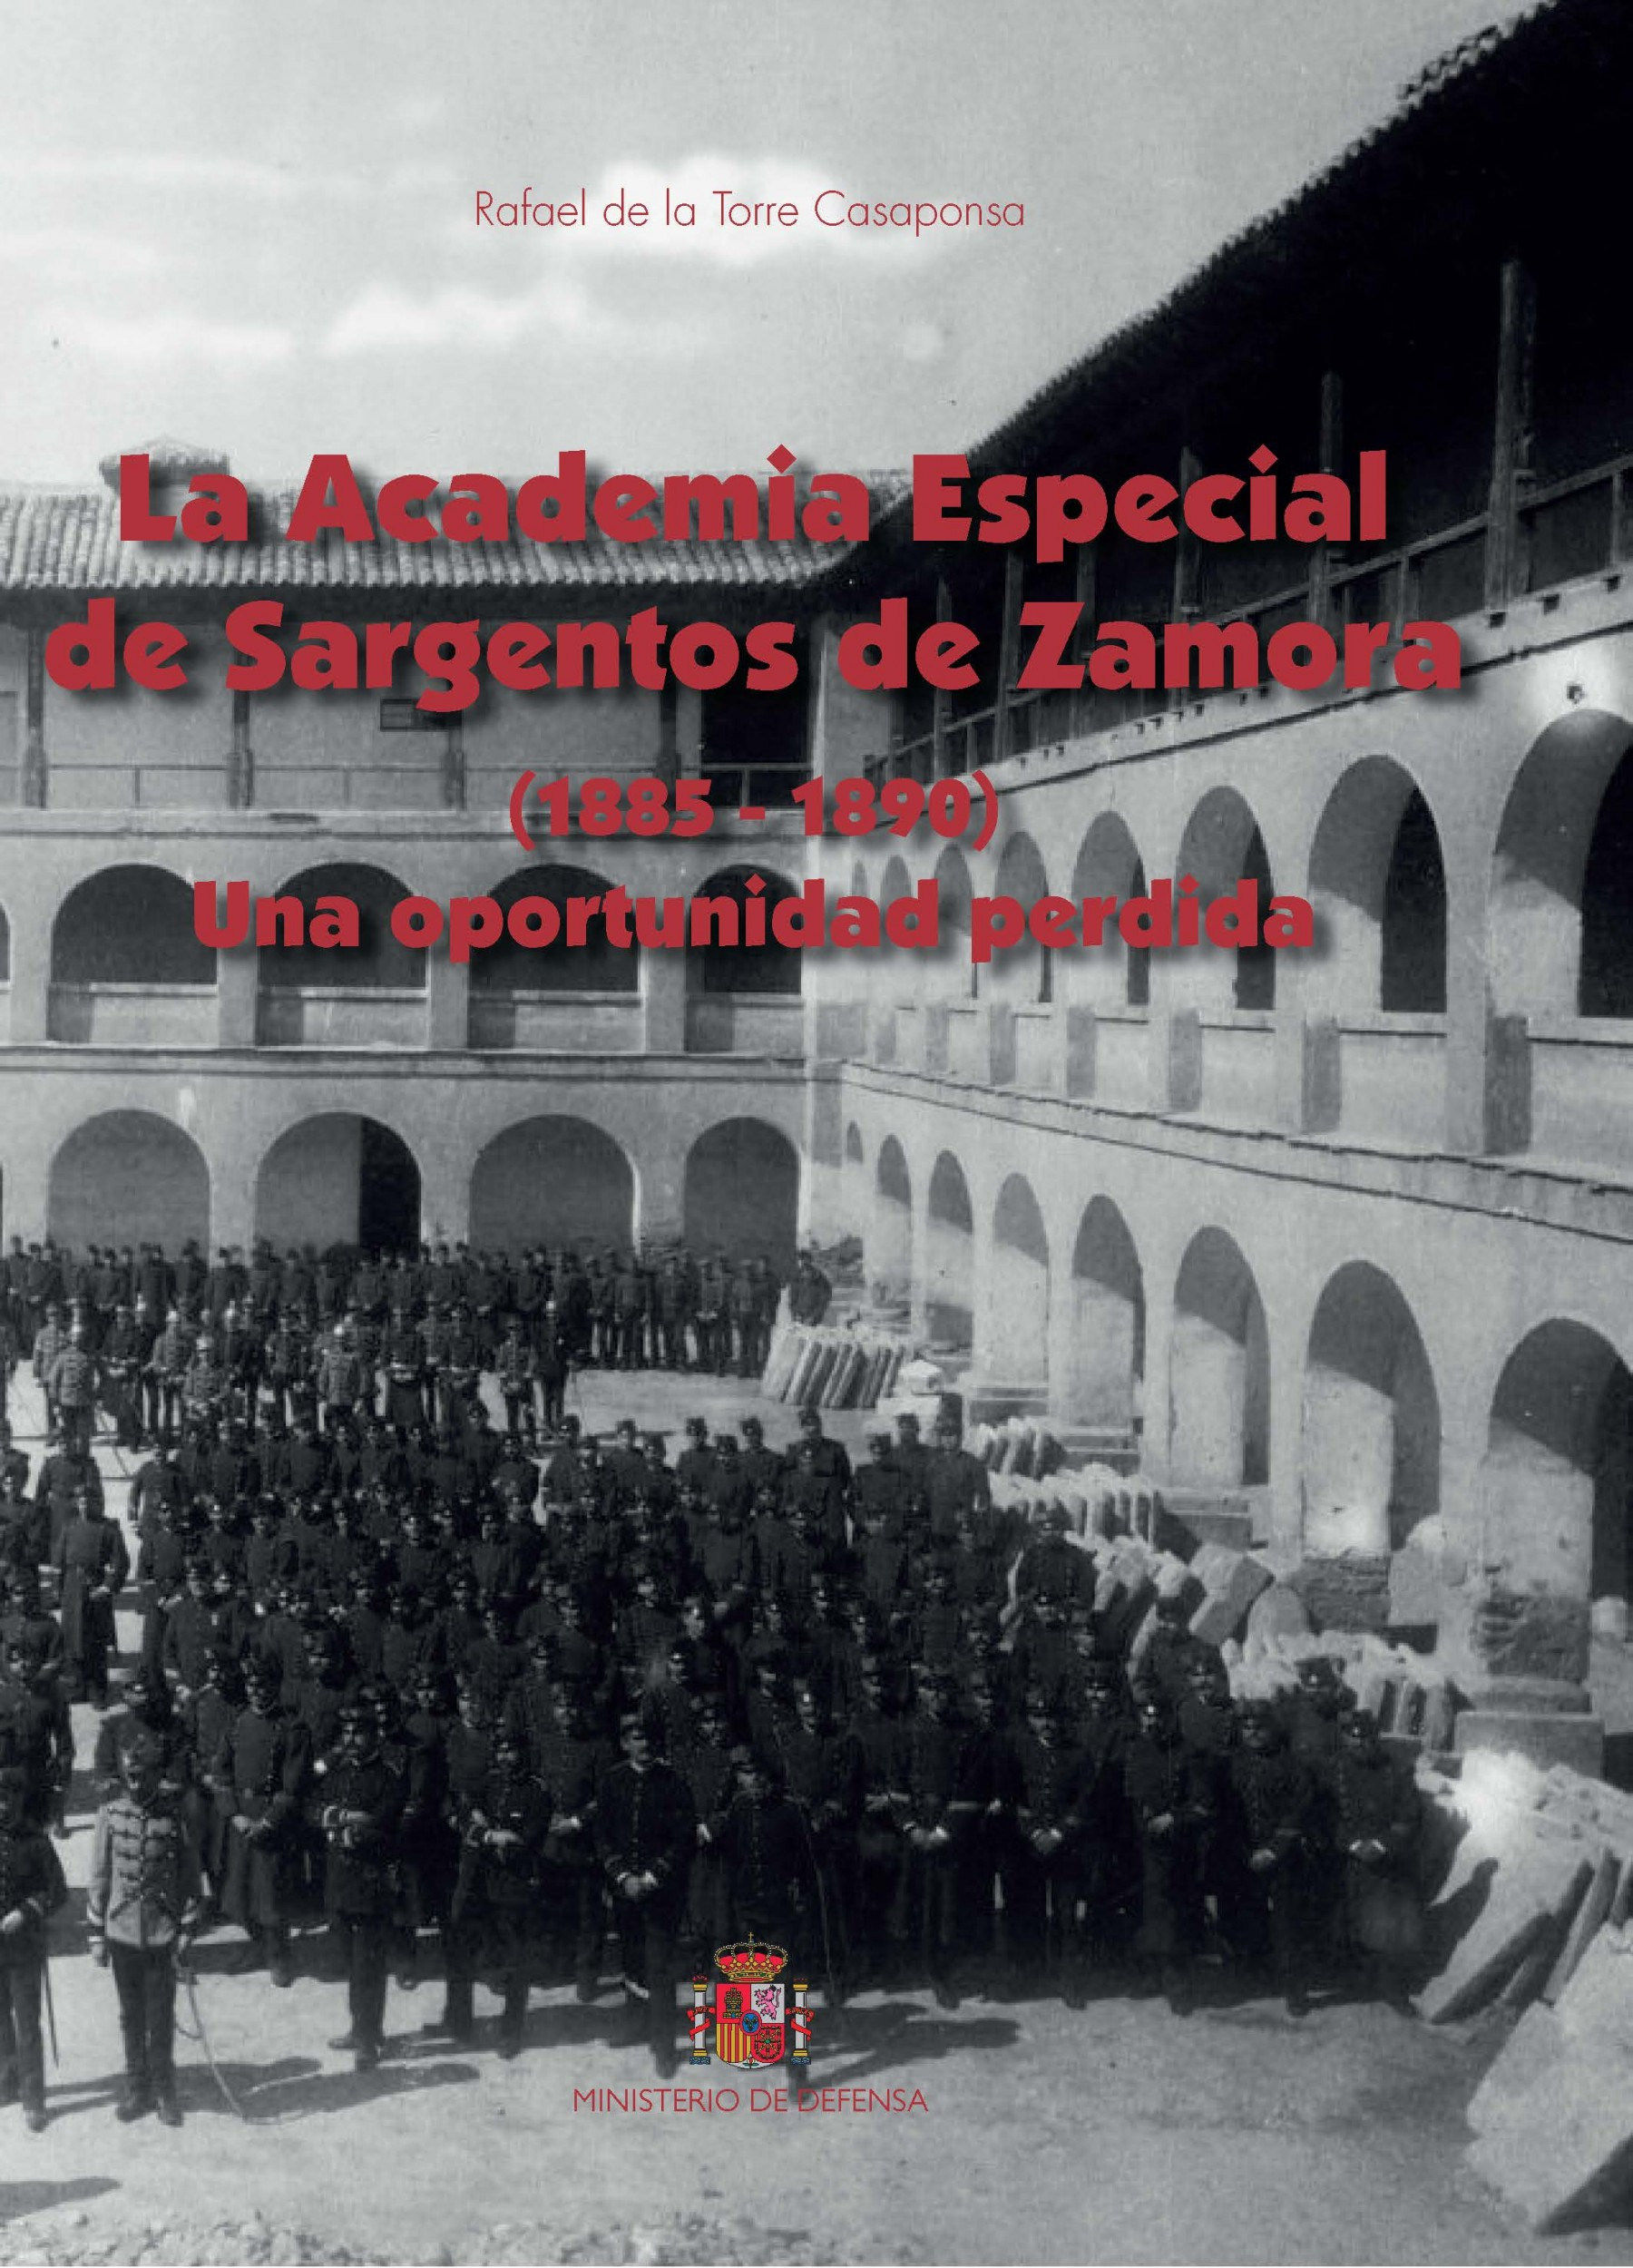 LA ACADEMIA ESPECIAL DE SARGENTOS DE ZAMORA (1885 - 1890). UNA OPORTUNIDAD PERDIDA